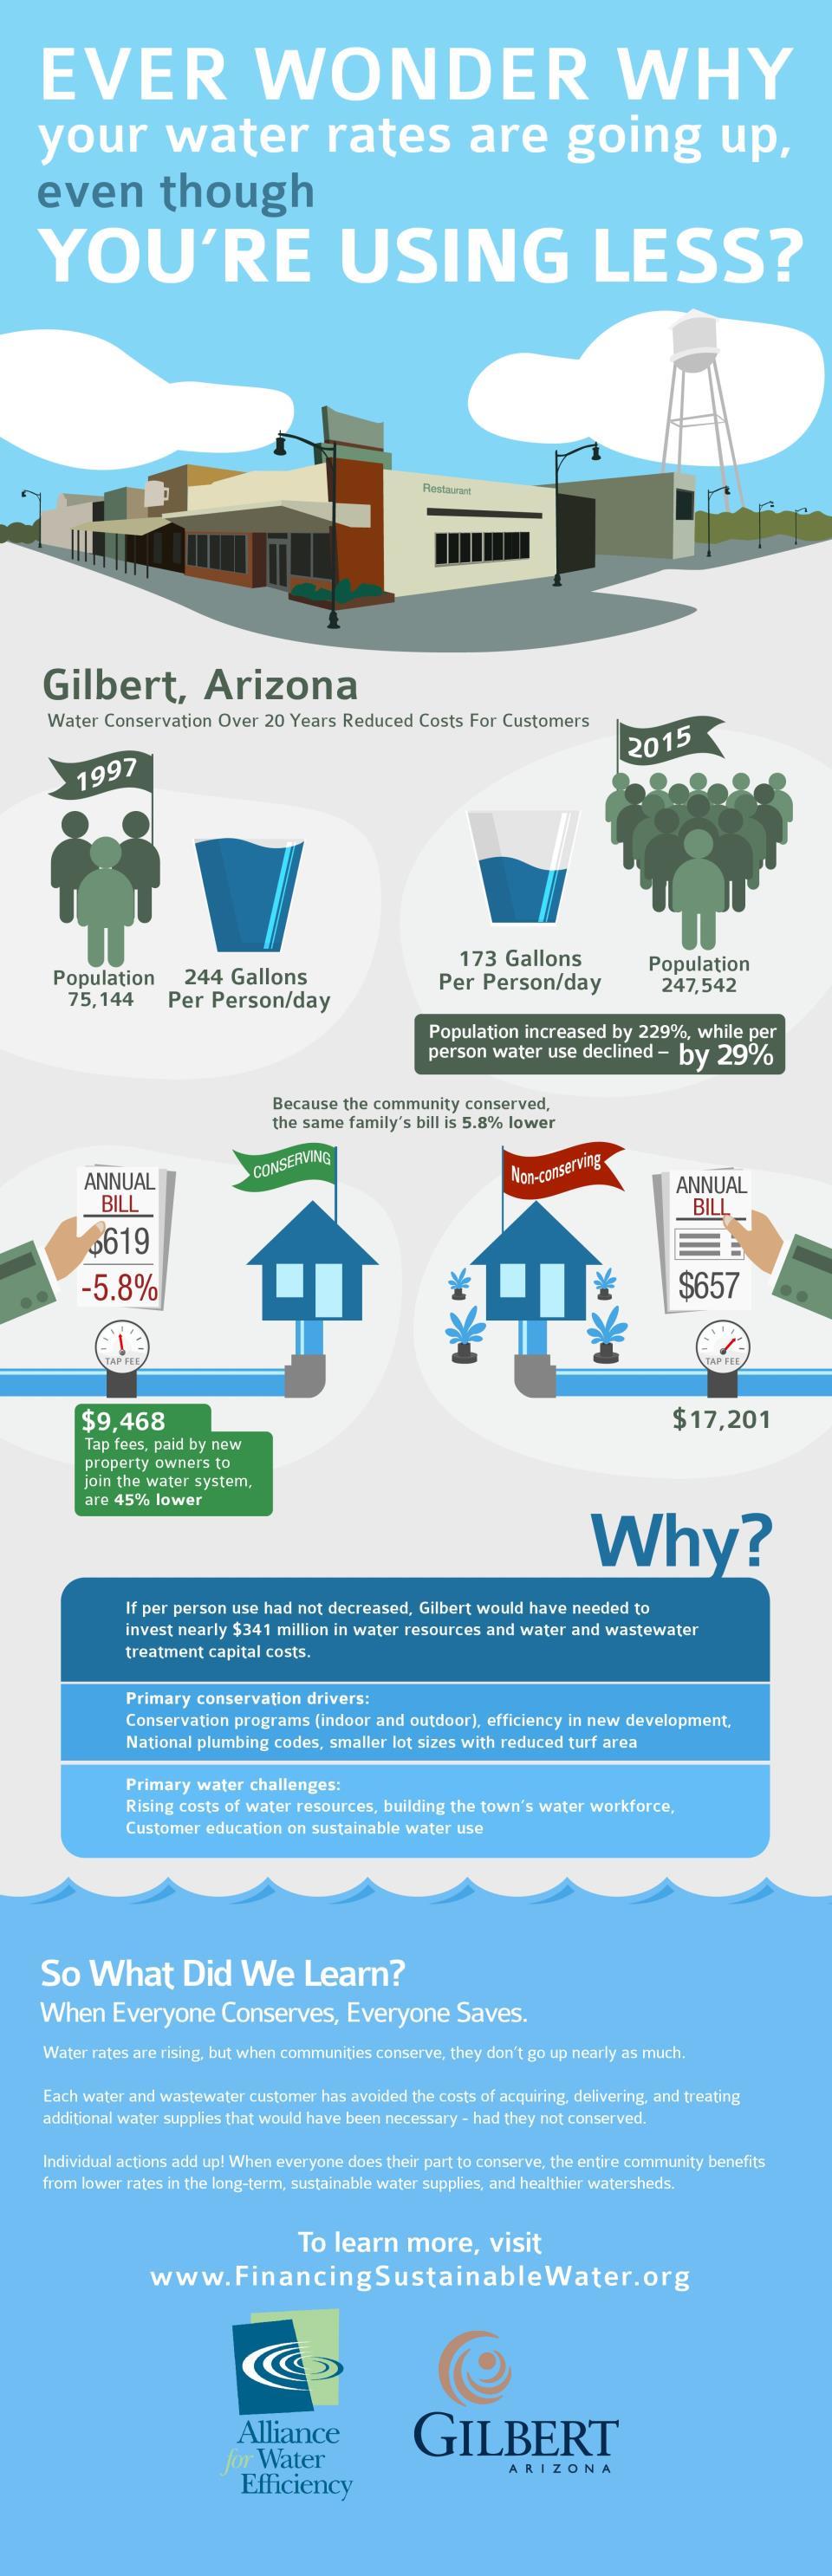 AWE_Gilbert_Infographic